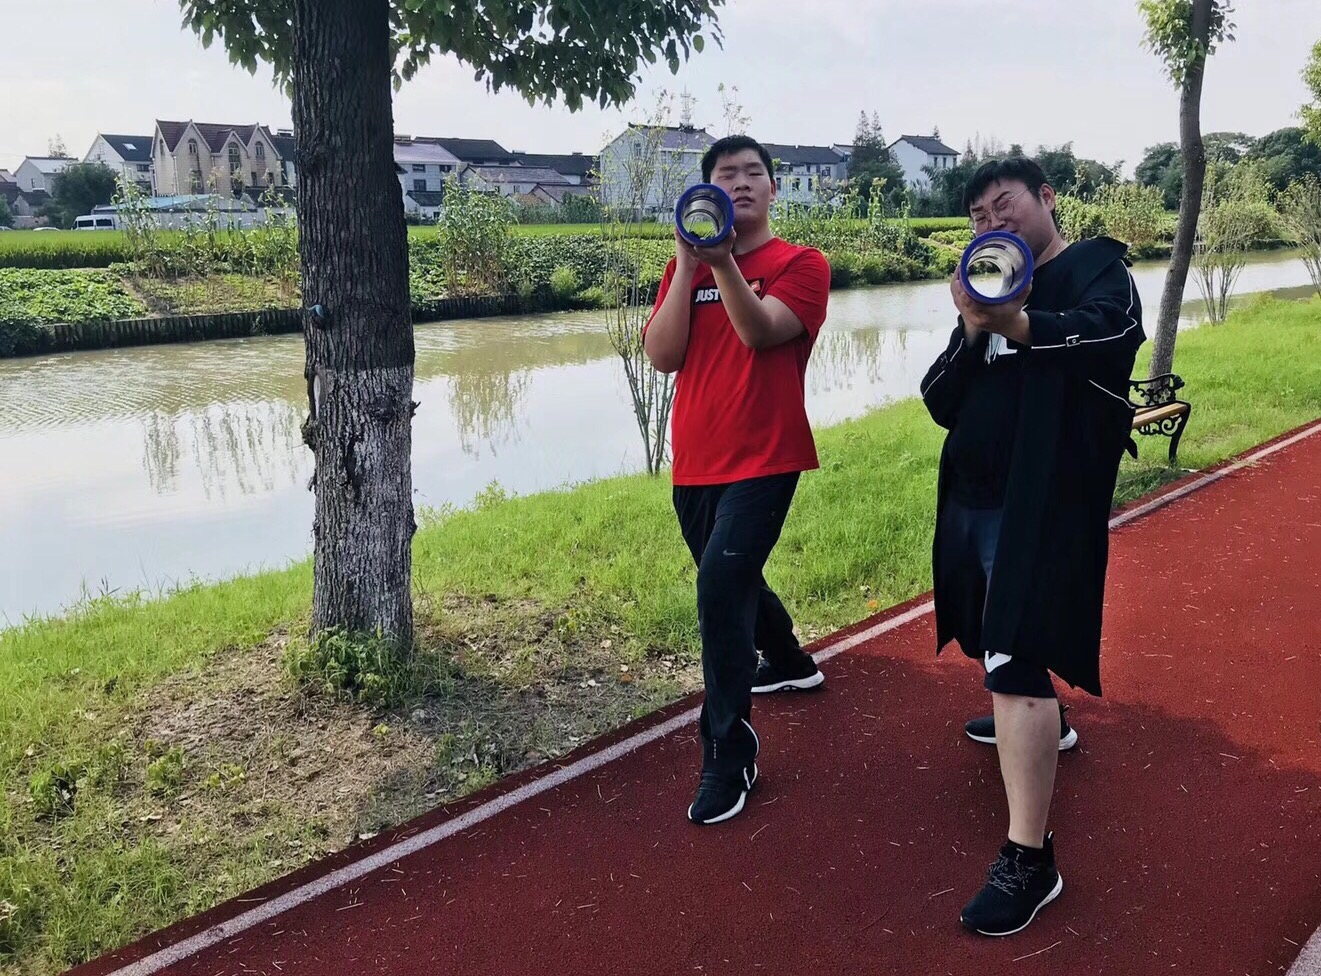 中國權威的減肥機構_瘦身體育運動項目合作費用-上海重遇體育發展有限公司